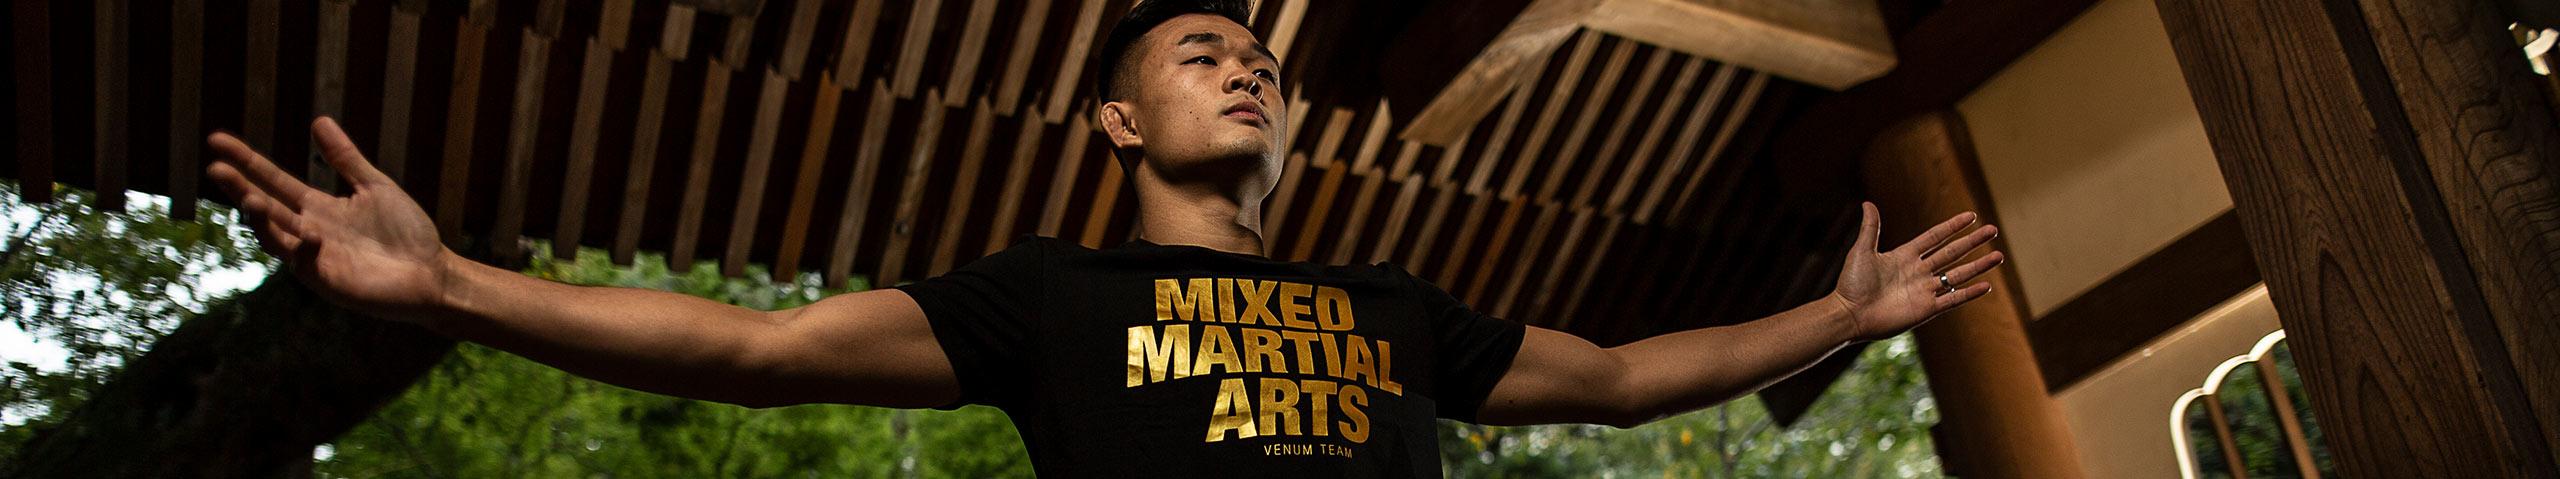 Vêtements hommes et équipements sports de combat & arts martiaux | Dragon Bleu